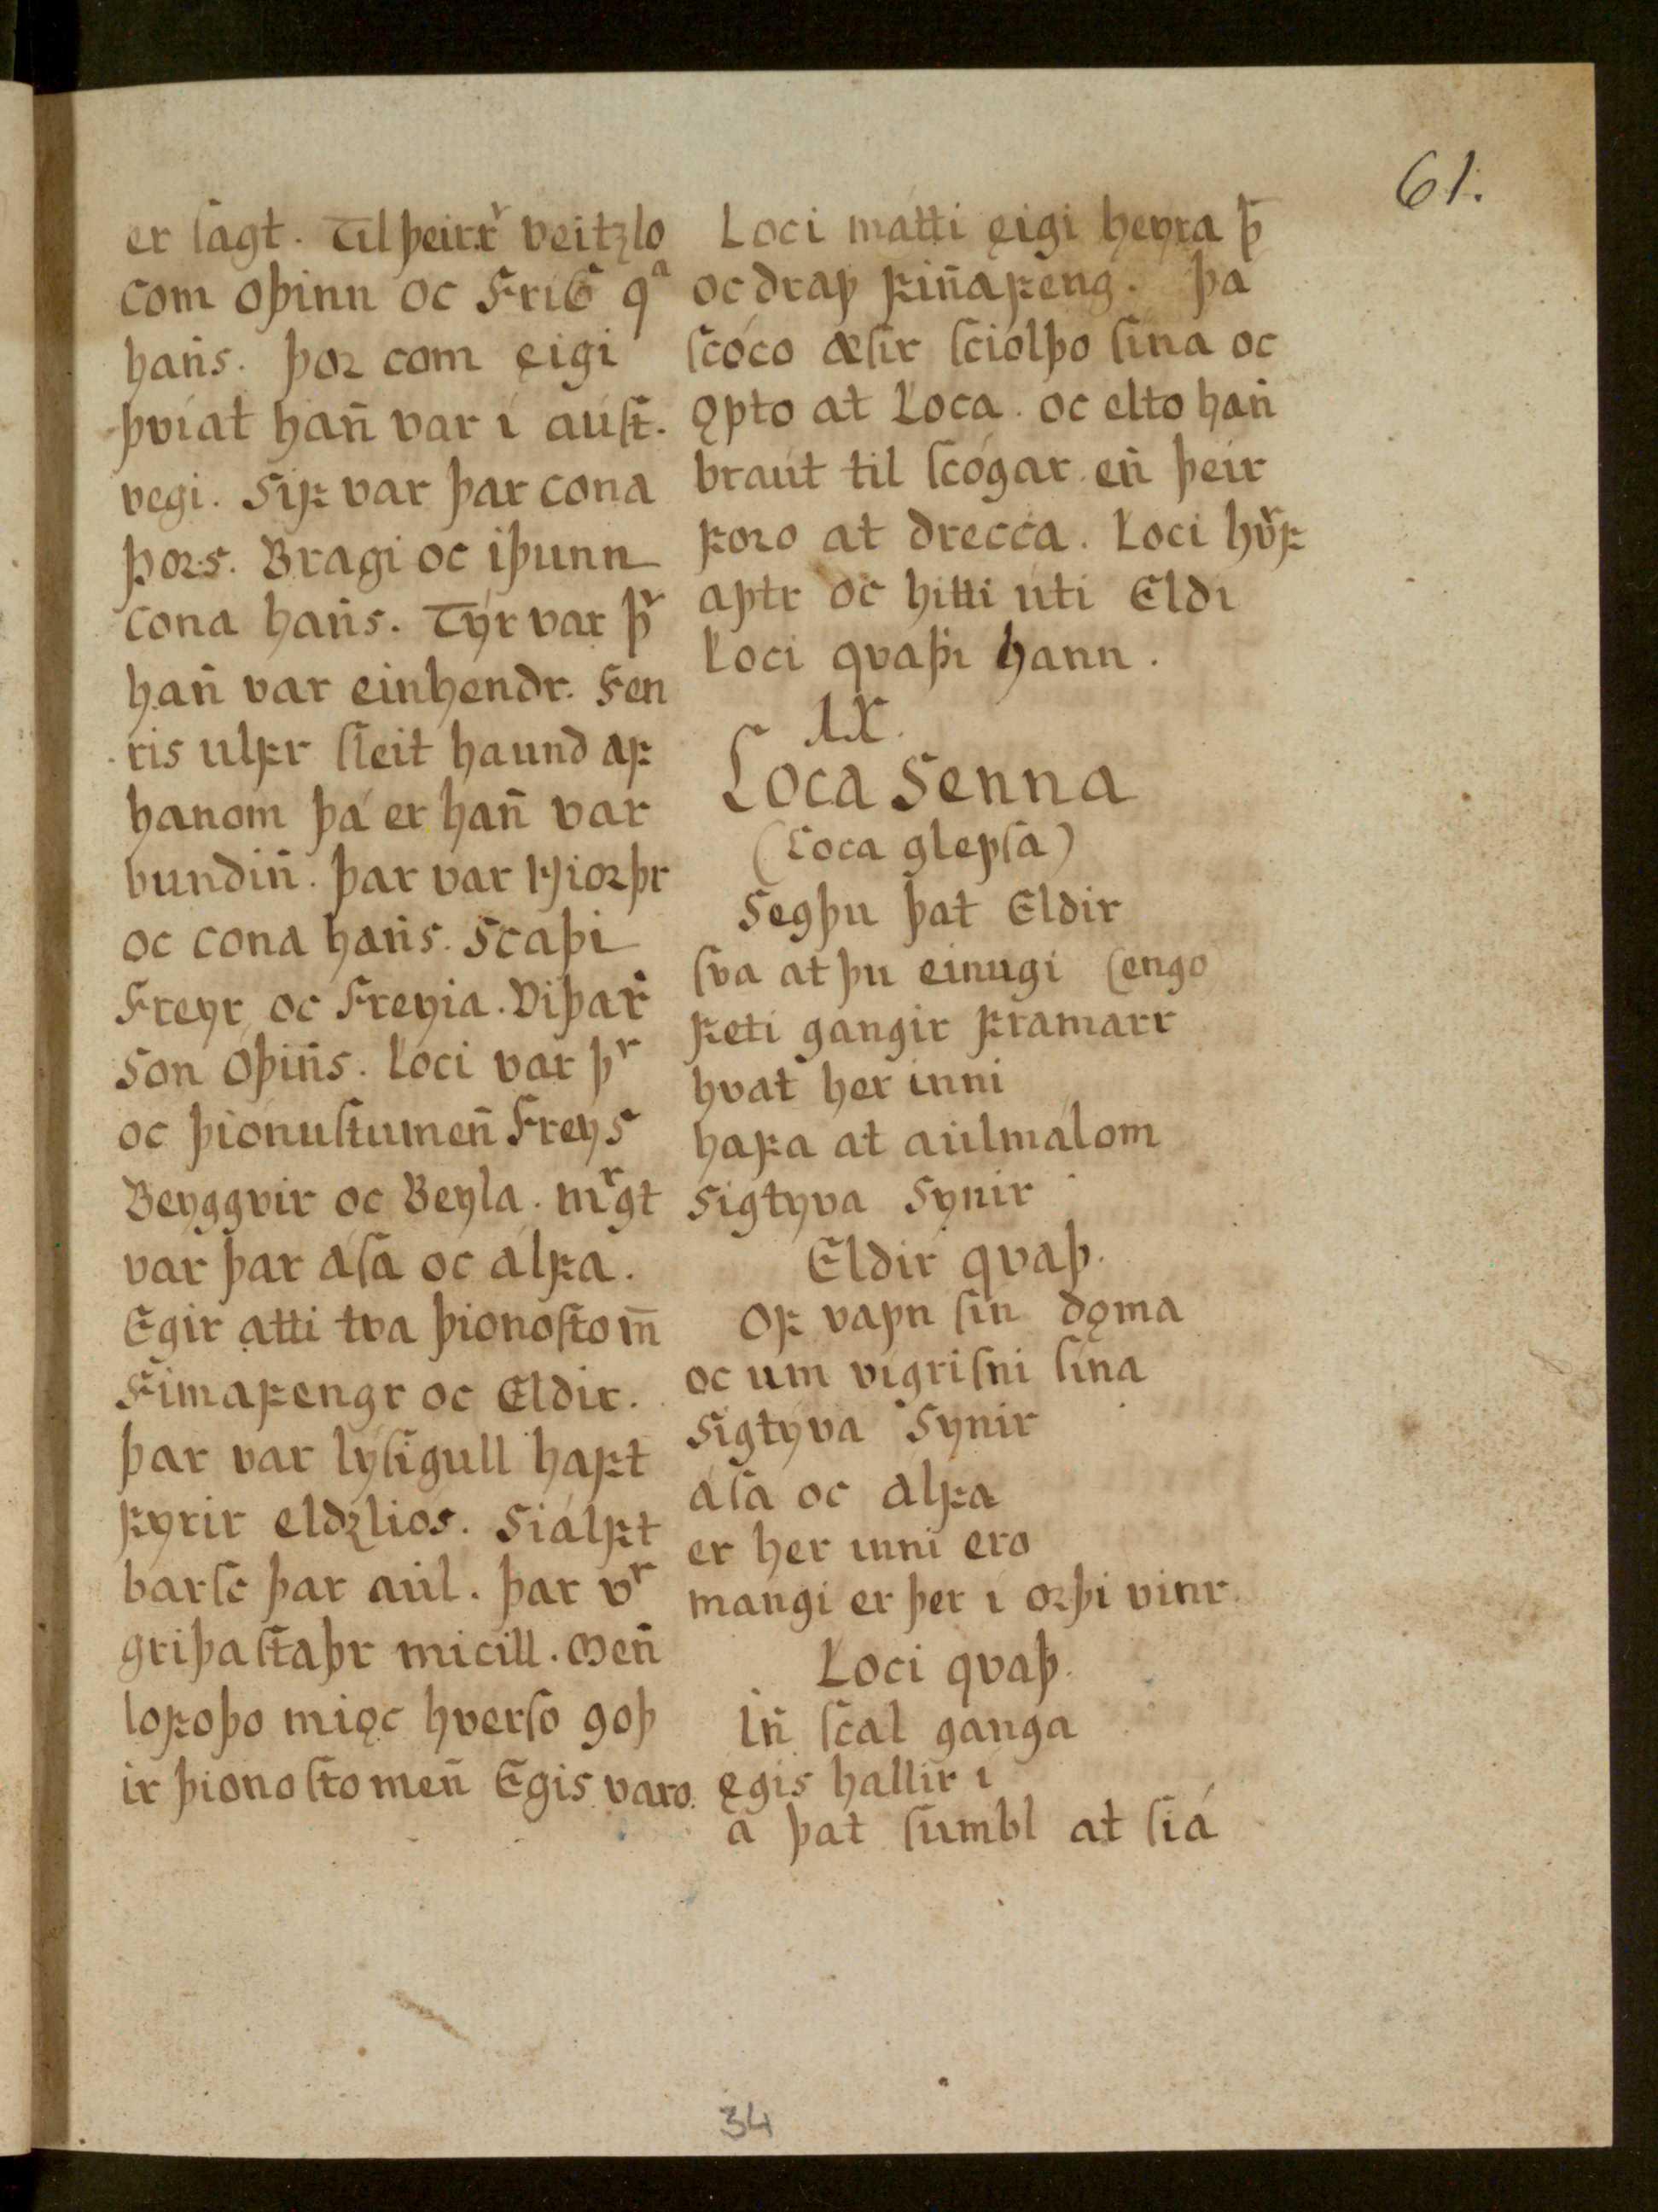 Lbs 1689 4° - 34r